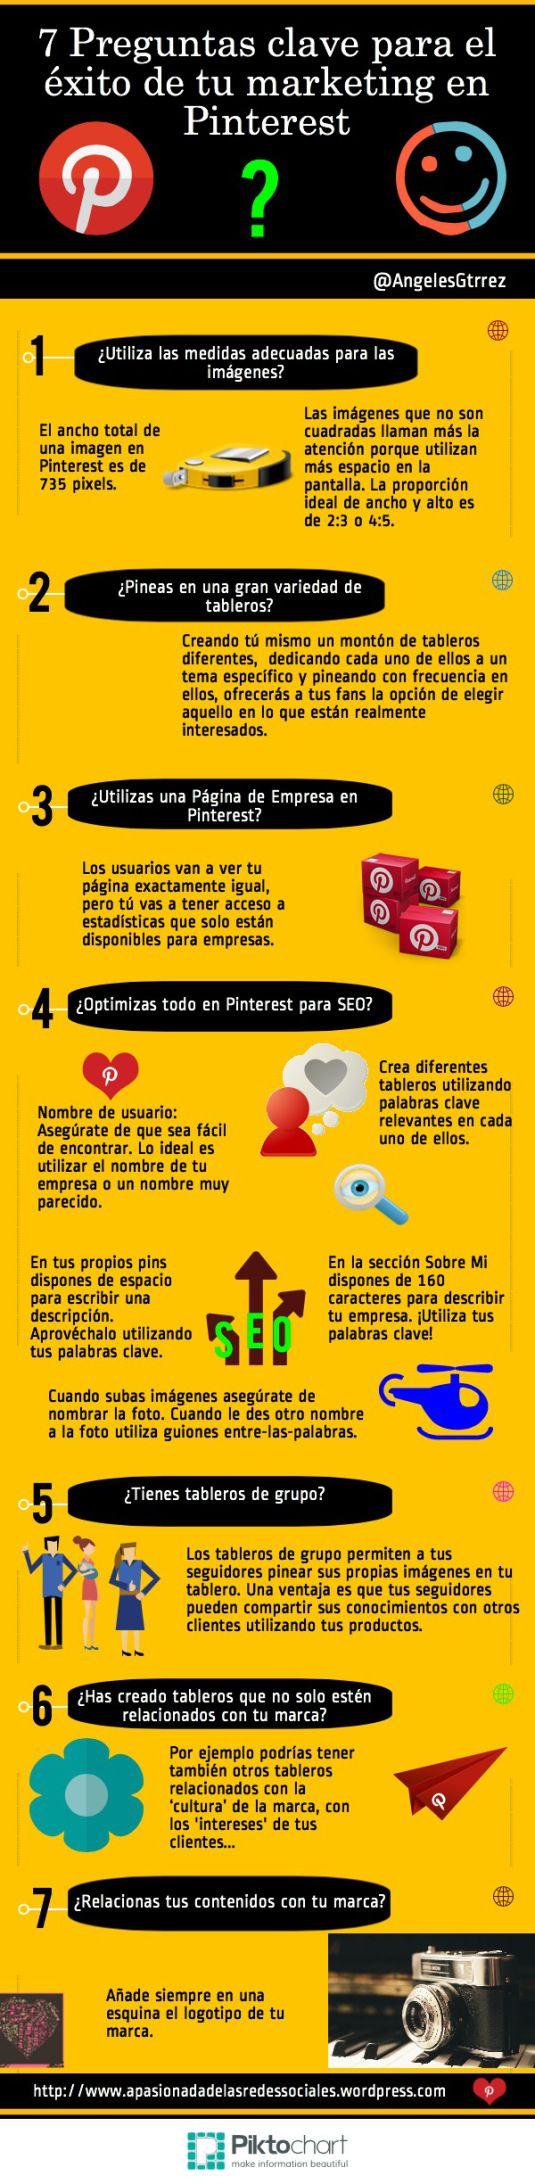 #Infografia 7 Preguntas clave para el éxito de tu #Marketing en #PINTEREST   #SocialMedia #RRSS #RedesSociales